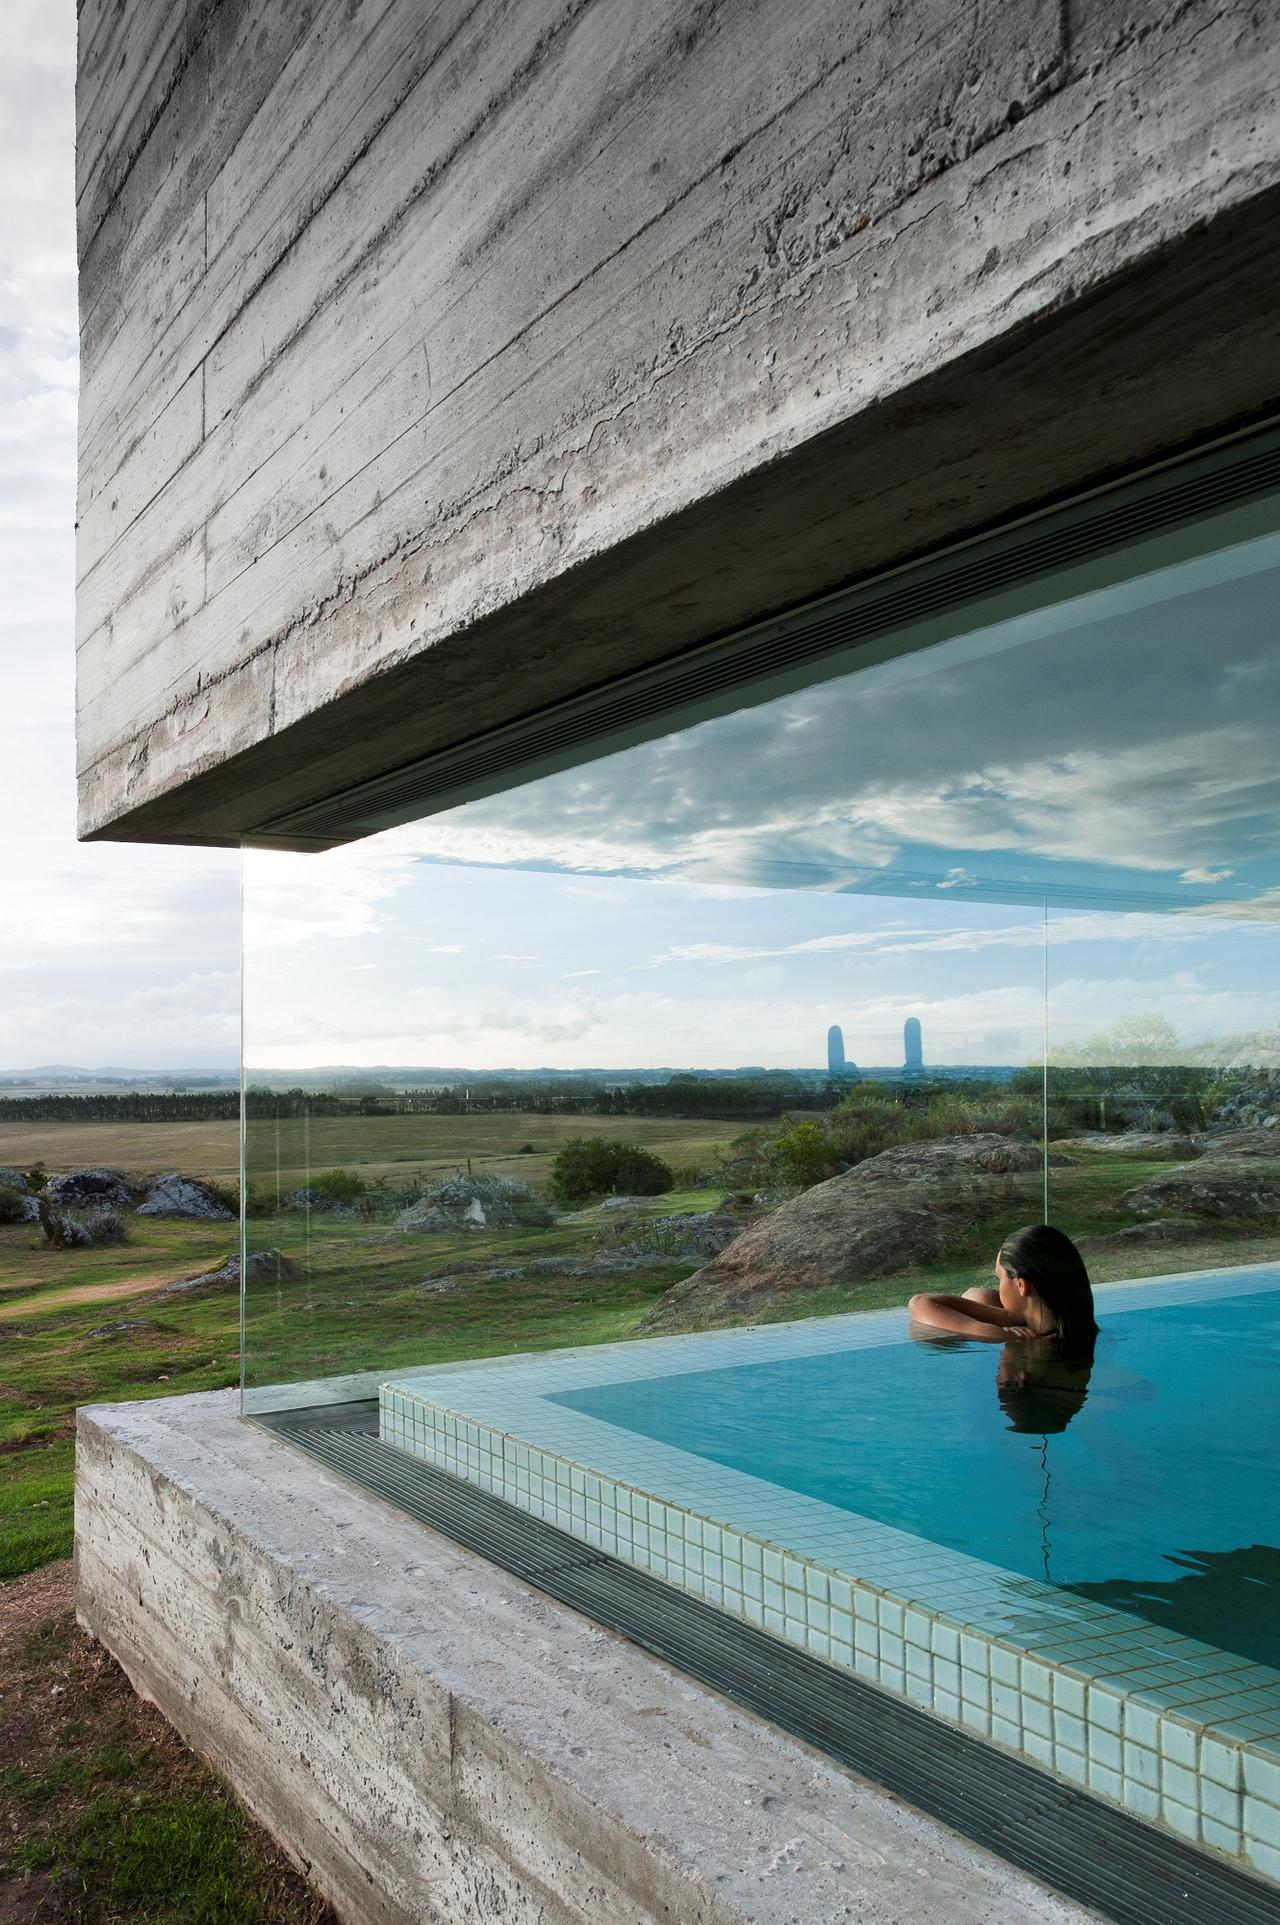 Fasano las piedras hotel isay weinfeld archdaily brasil for Hotel en las piedras